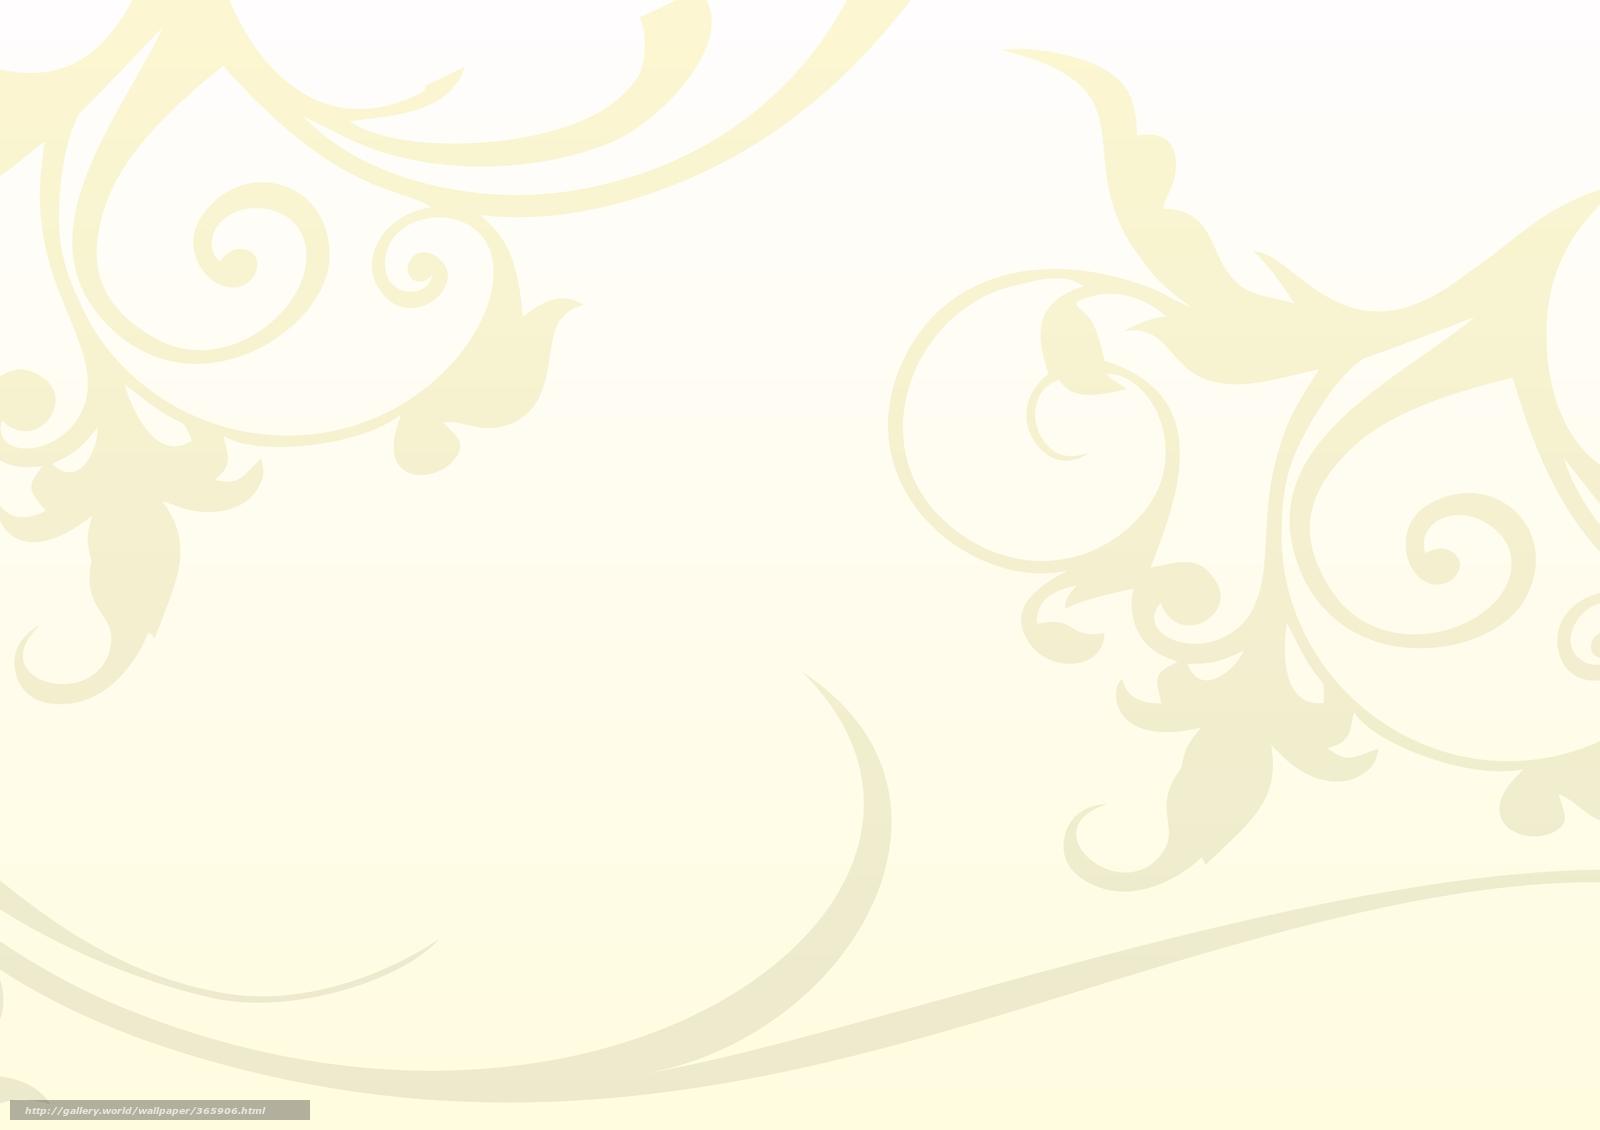 wallpaper Texture patterns background cream desktop wallpaper 1600x1130